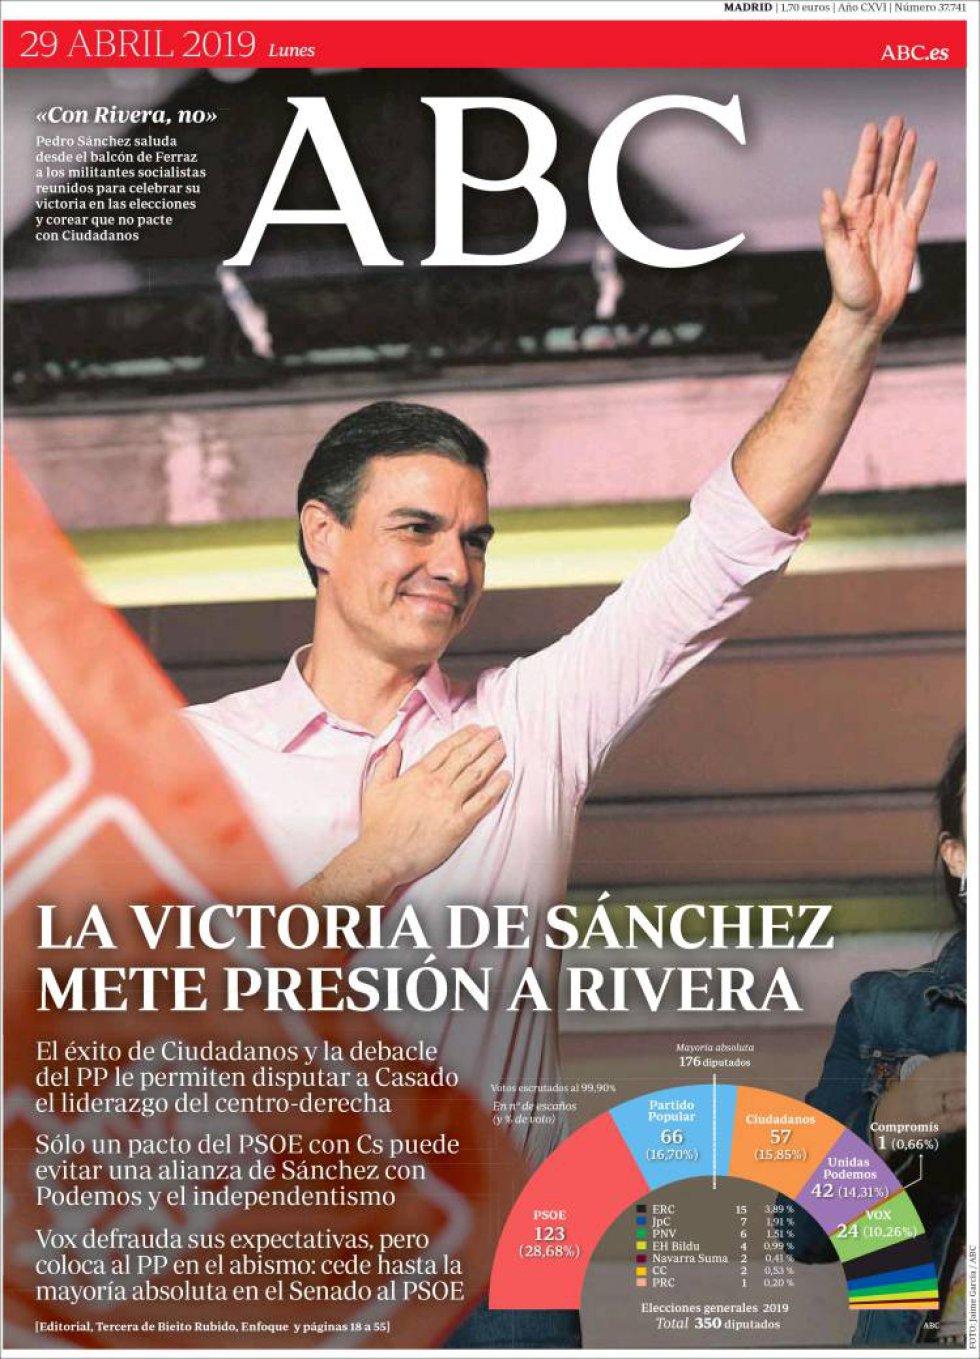 Primera página del periódico ABC.